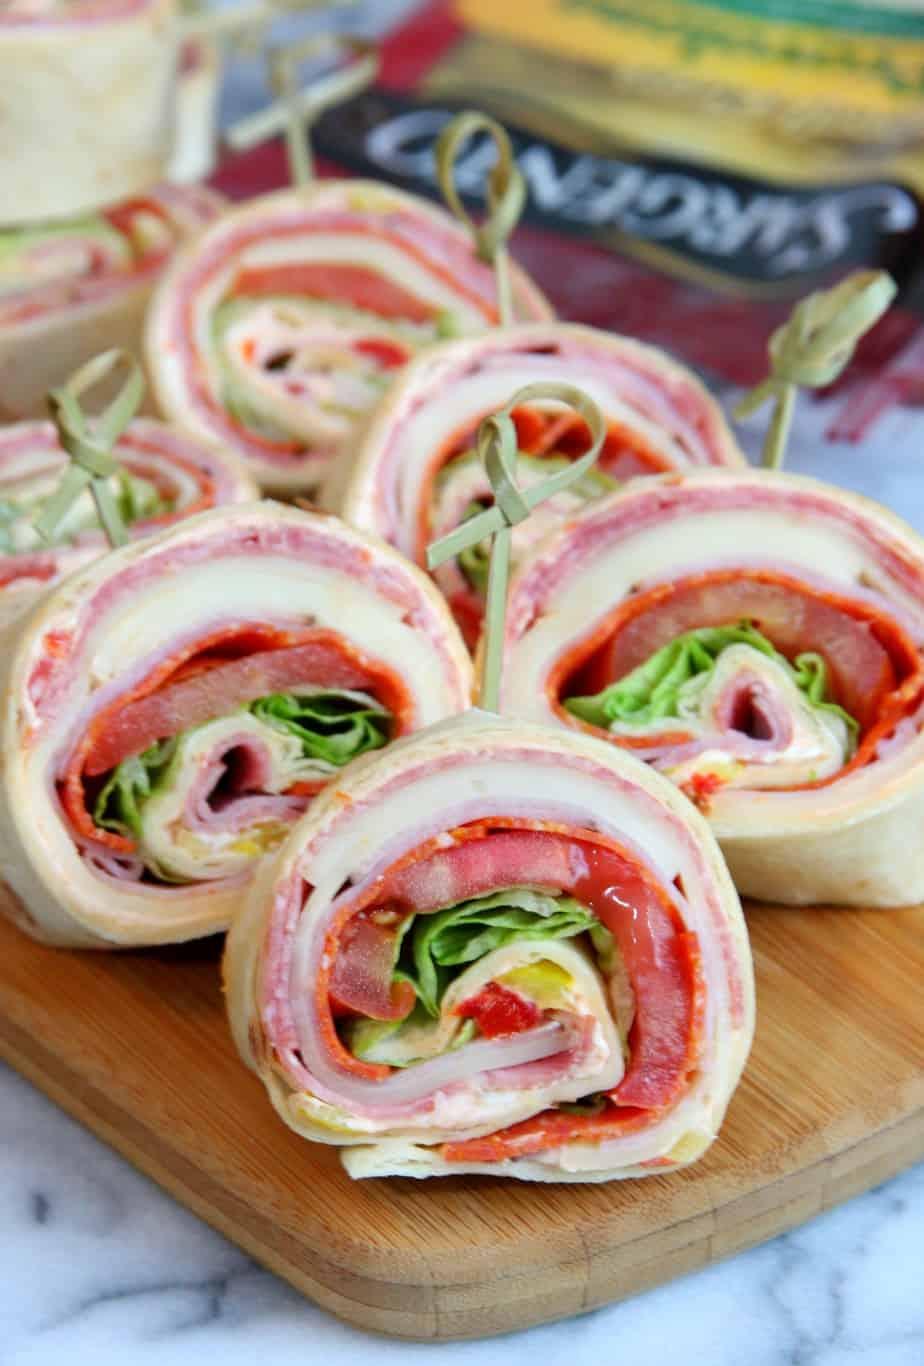 Italian Sandwich Roll-Ups 5